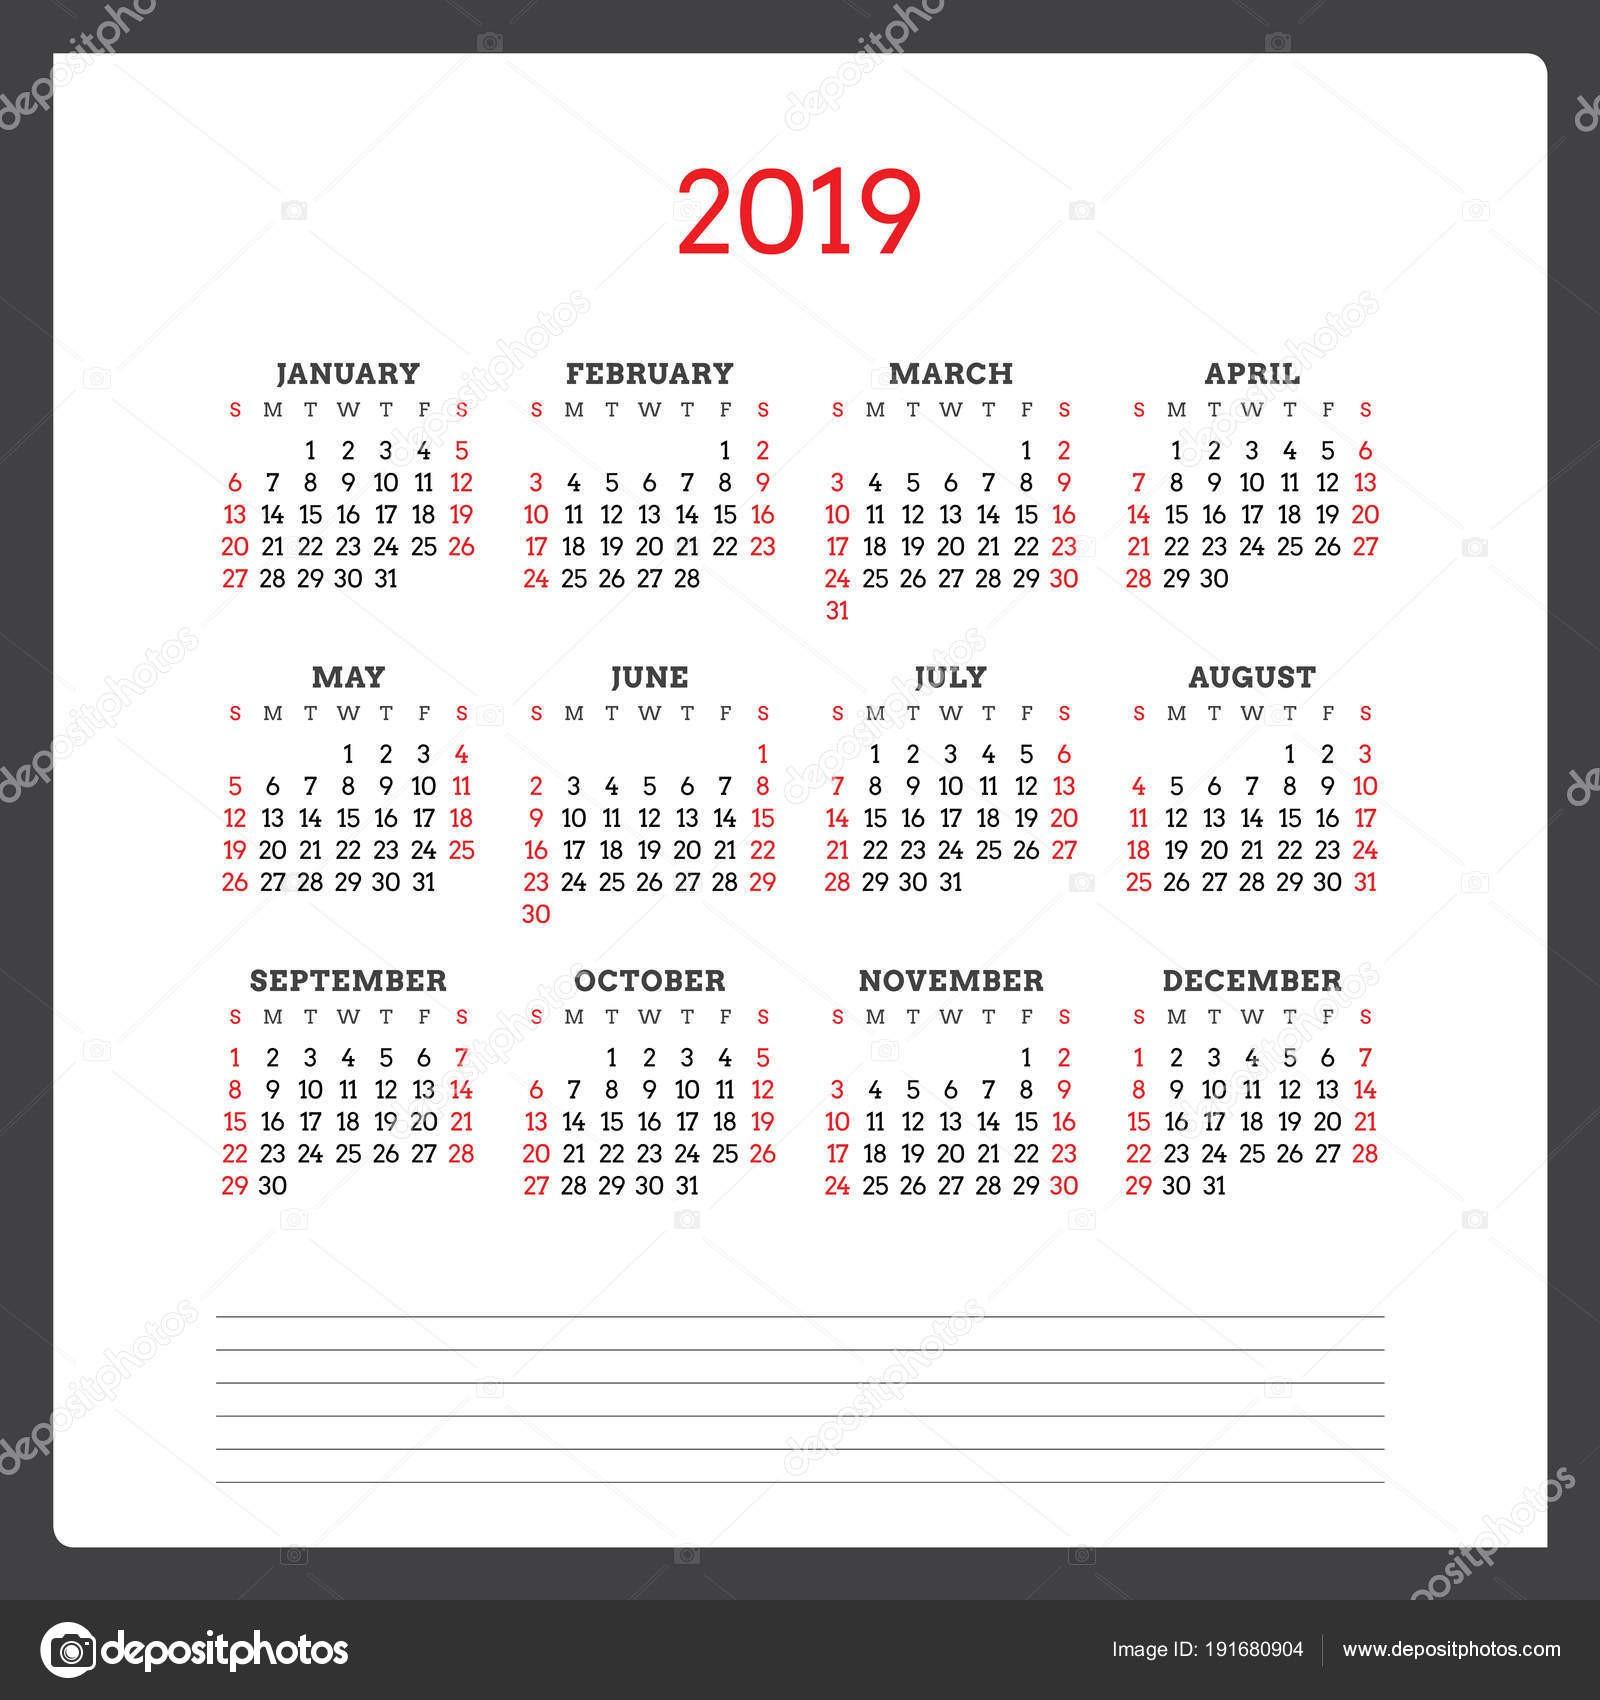 Calendario 2019 Y 2019 Para Imprimir Más Reciente Kalendář Na Rok 2019 T½den Začná V Neděli Åablona Návrhu Å¡ablony Of Calendario 2019 Y 2019 Para Imprimir Más Recientemente Liberado Descarga Nuestro Calendario 2018 Cámara De Caracas